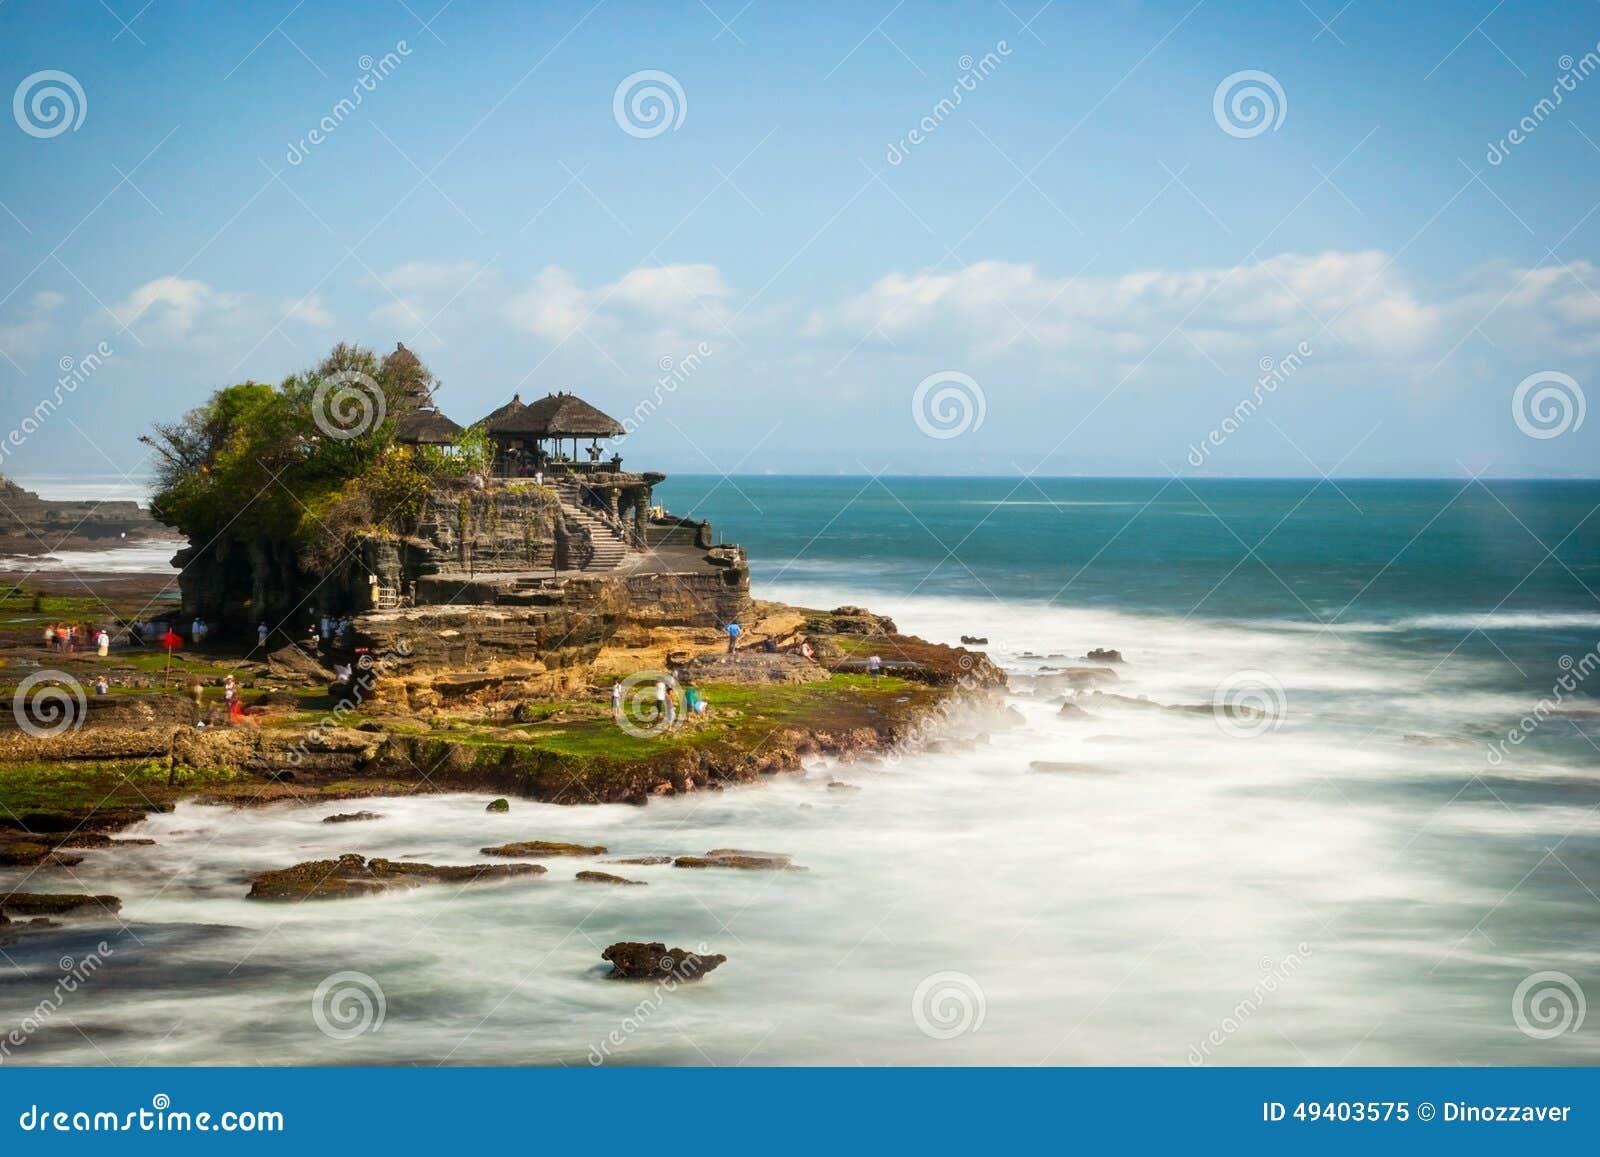 Download Tanah-Lostempel In Der Langen Belichtung, Bali Stockbild - Bild von gebäude, landschaft: 49403575